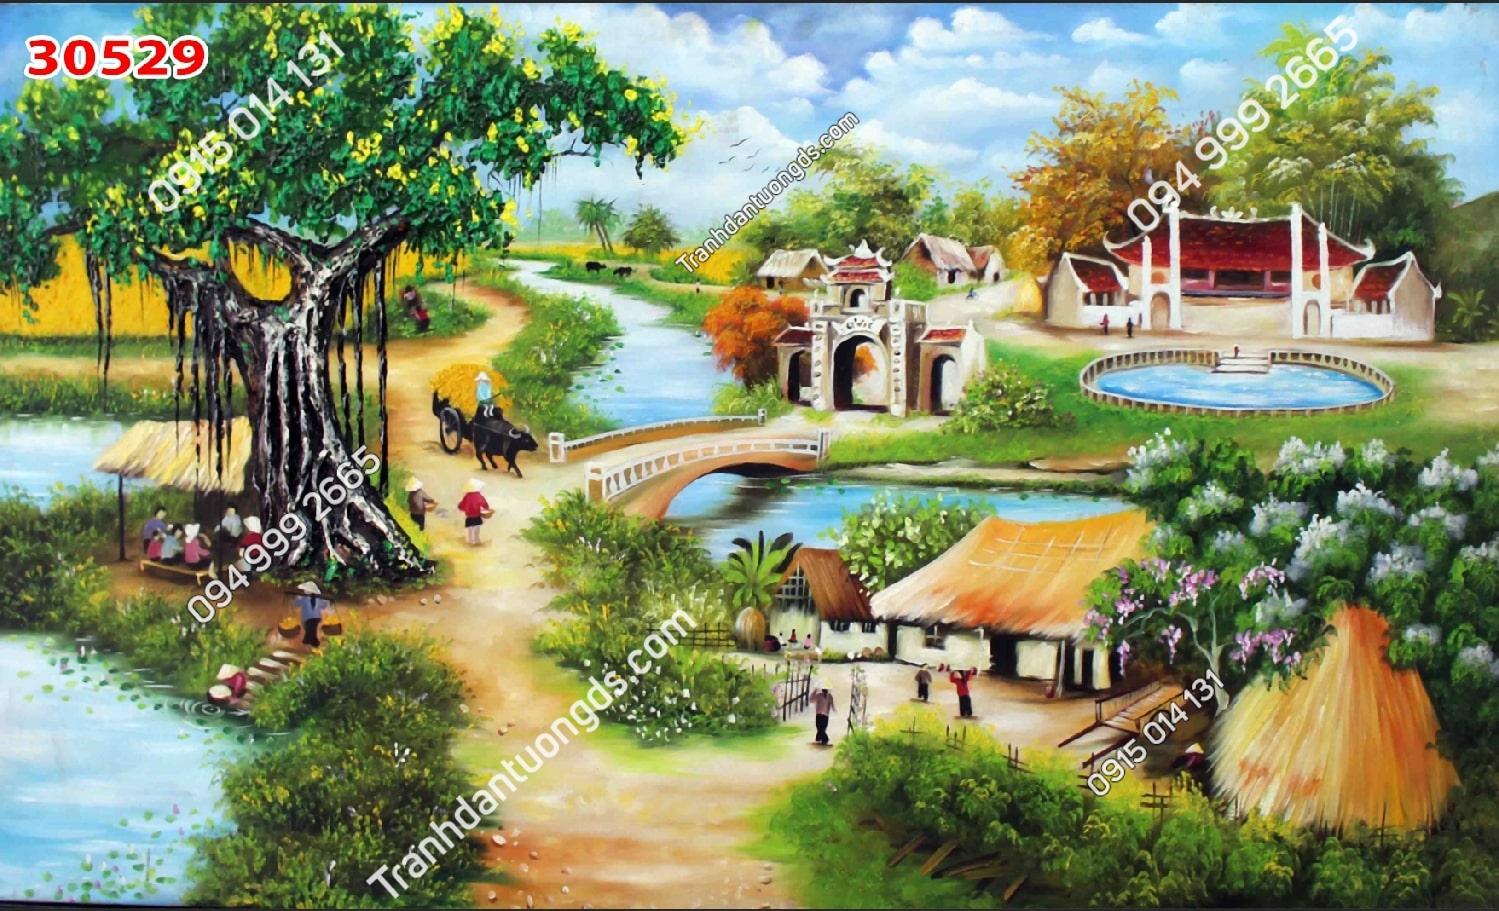 Tranh tường cây đa đầu làng 30529